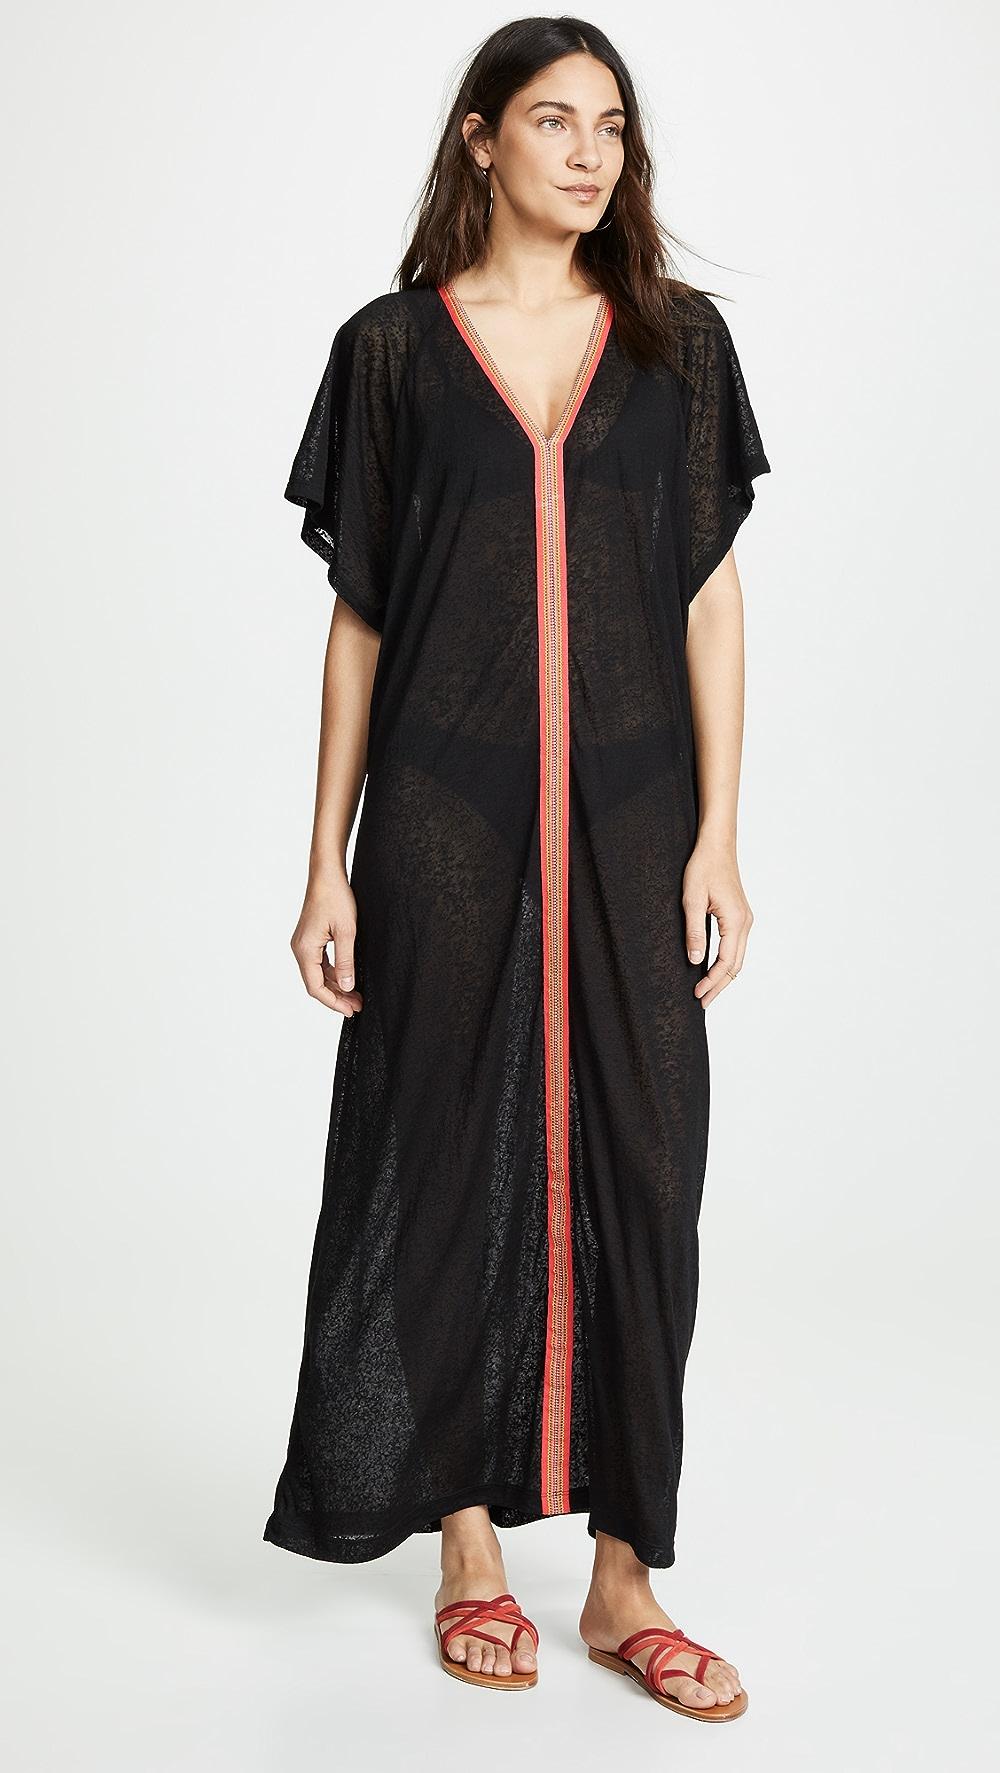 2019 Fashion Pitusa - Abaya Maxi Dress Save 50-70%